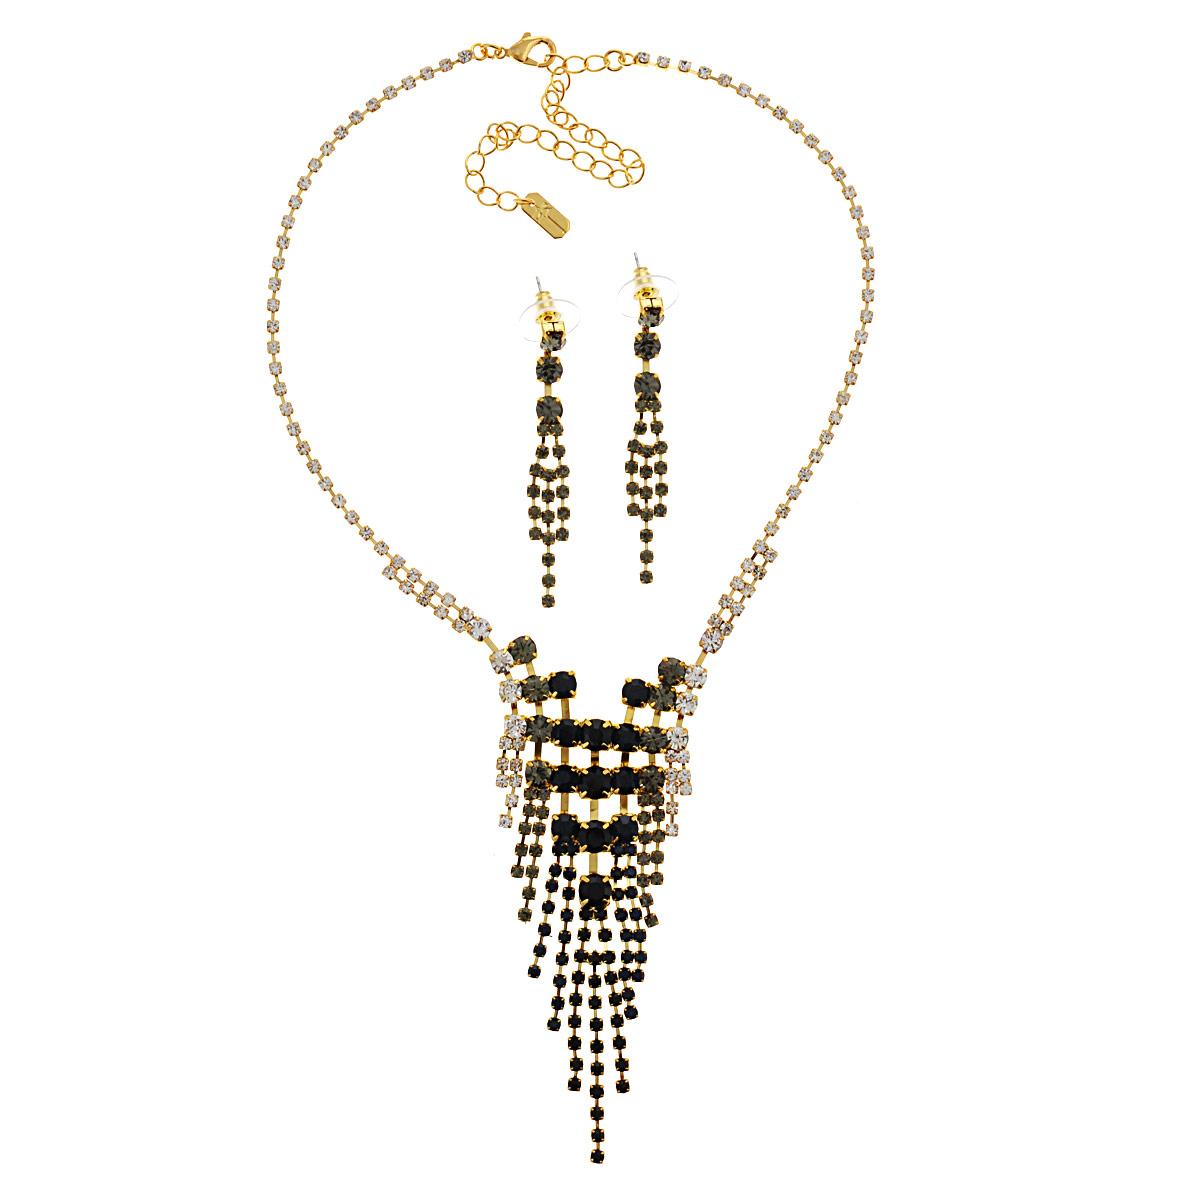 Комплект украшений Avgad: колье, серьги, цвет: золотистый, темно-серый. H-477S883